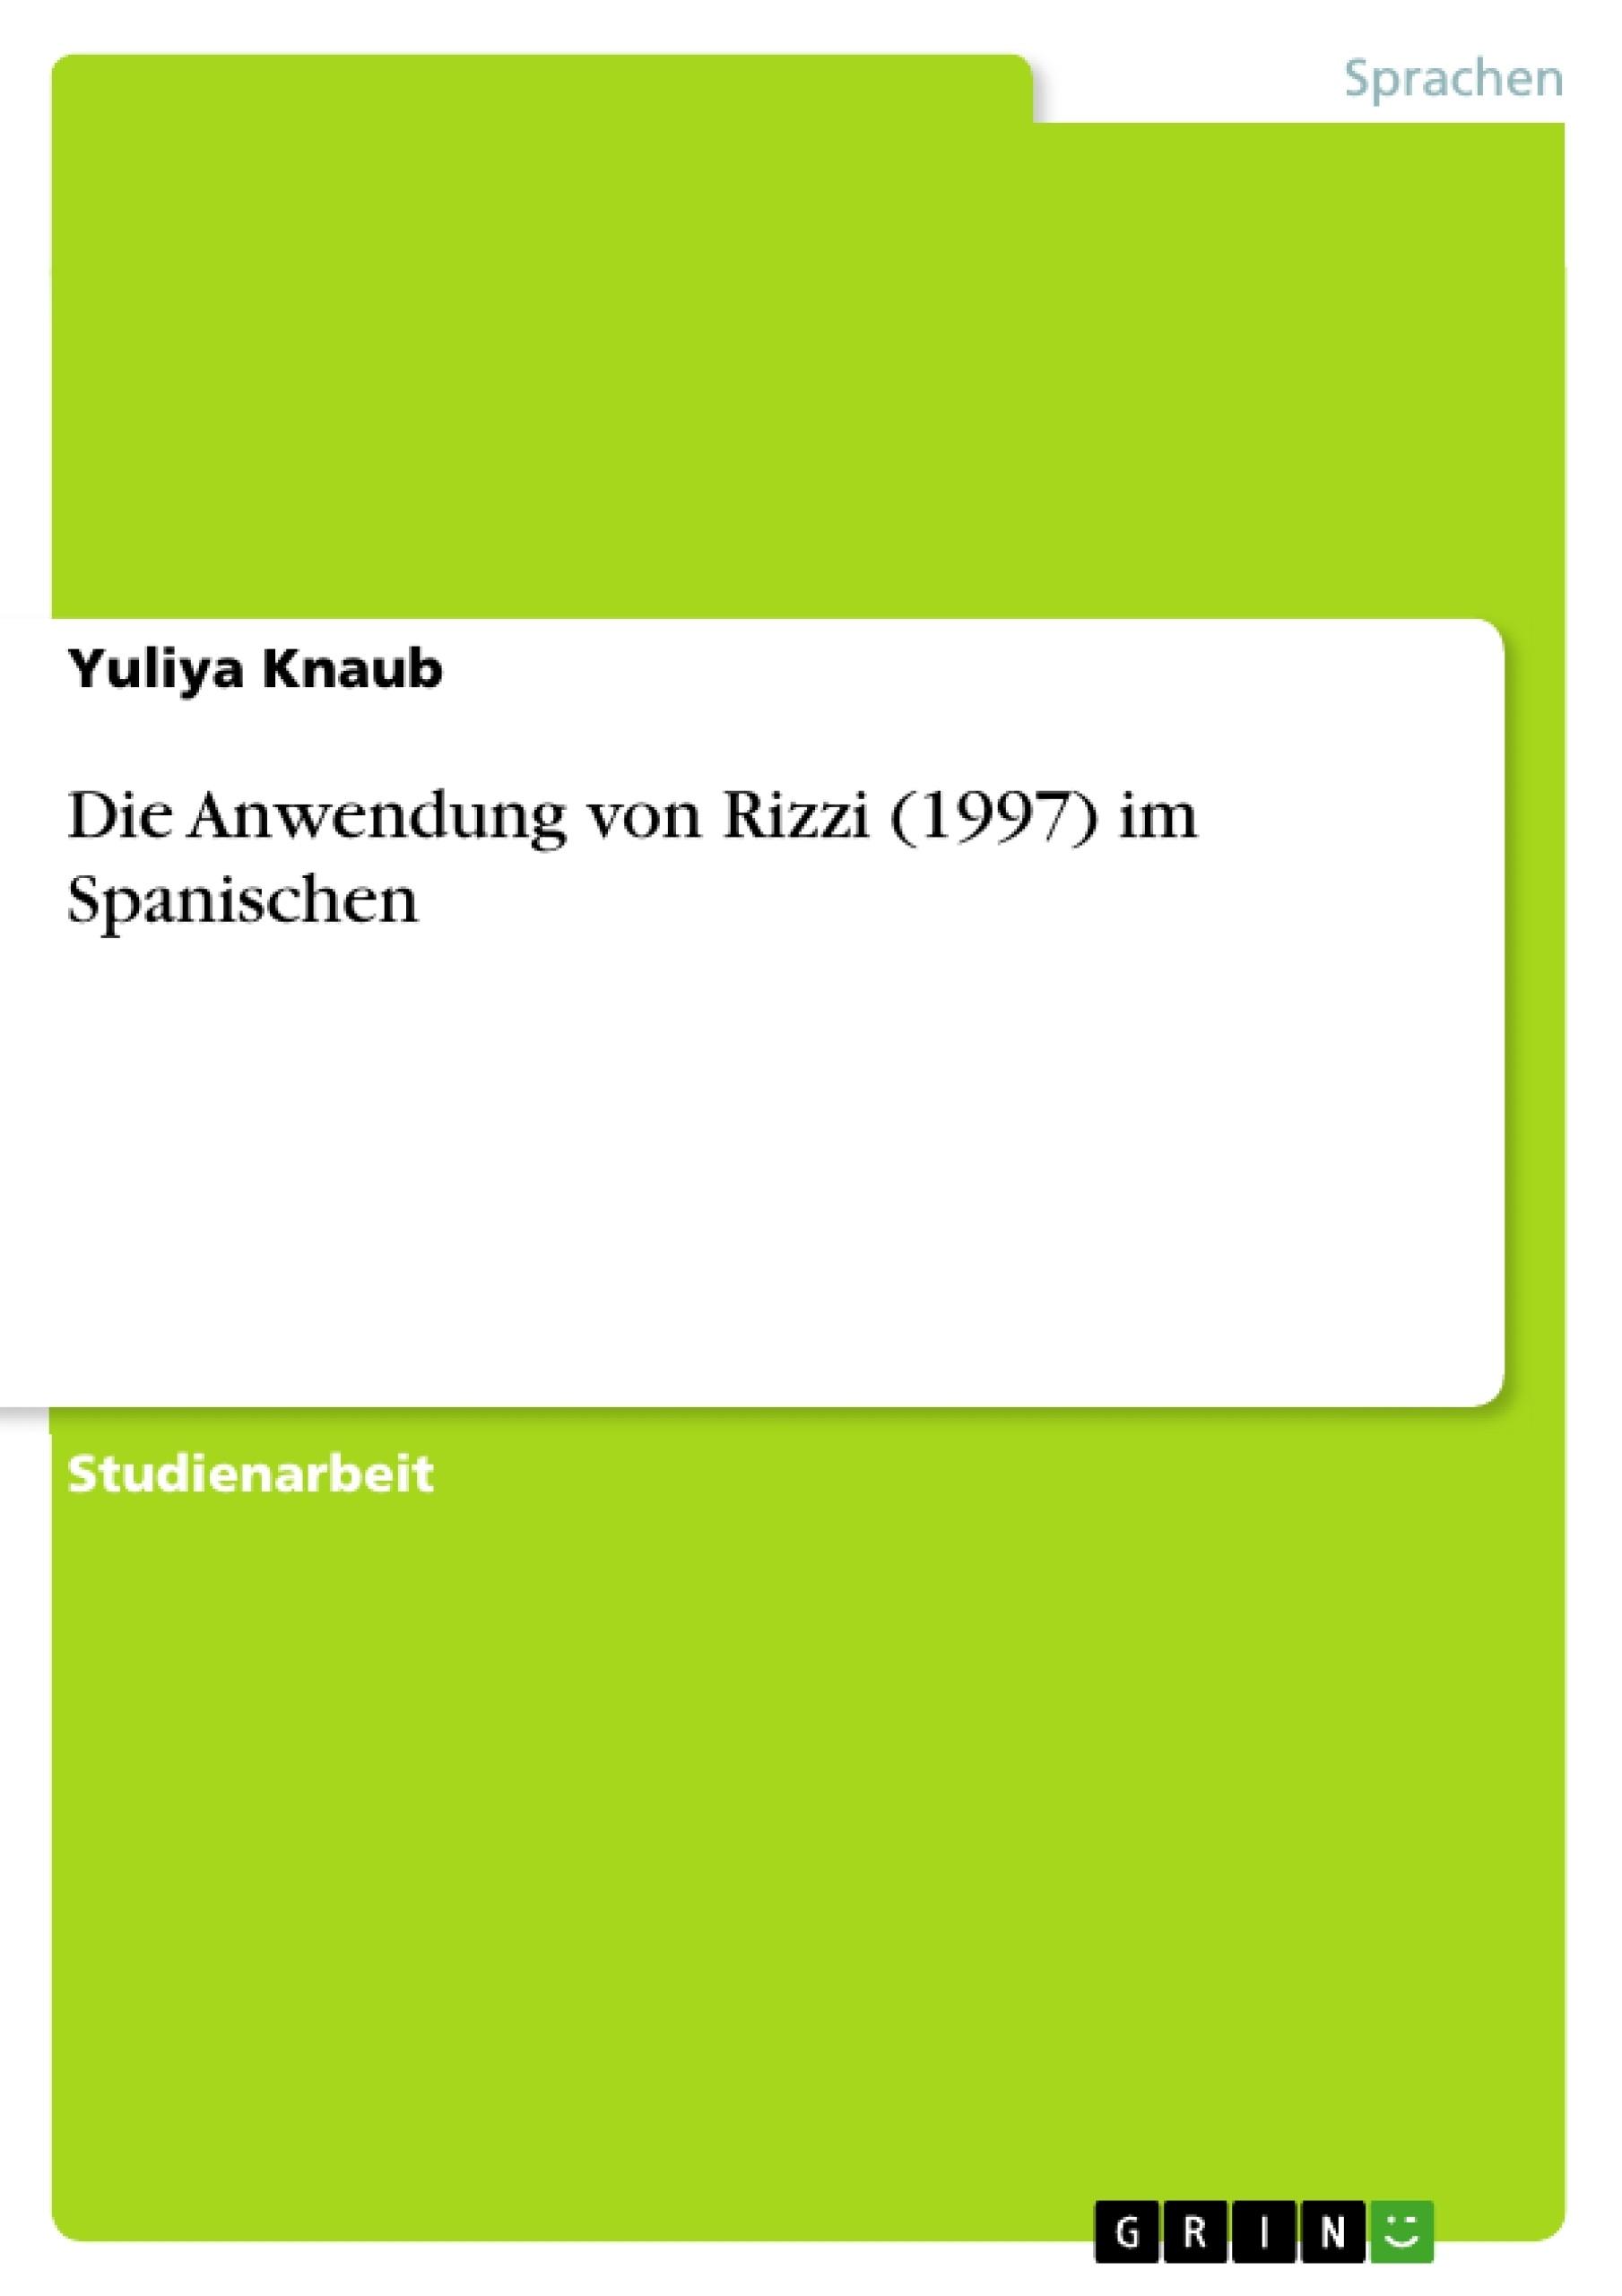 Titel: Die Anwendung von Rizzi (1997) im Spanischen